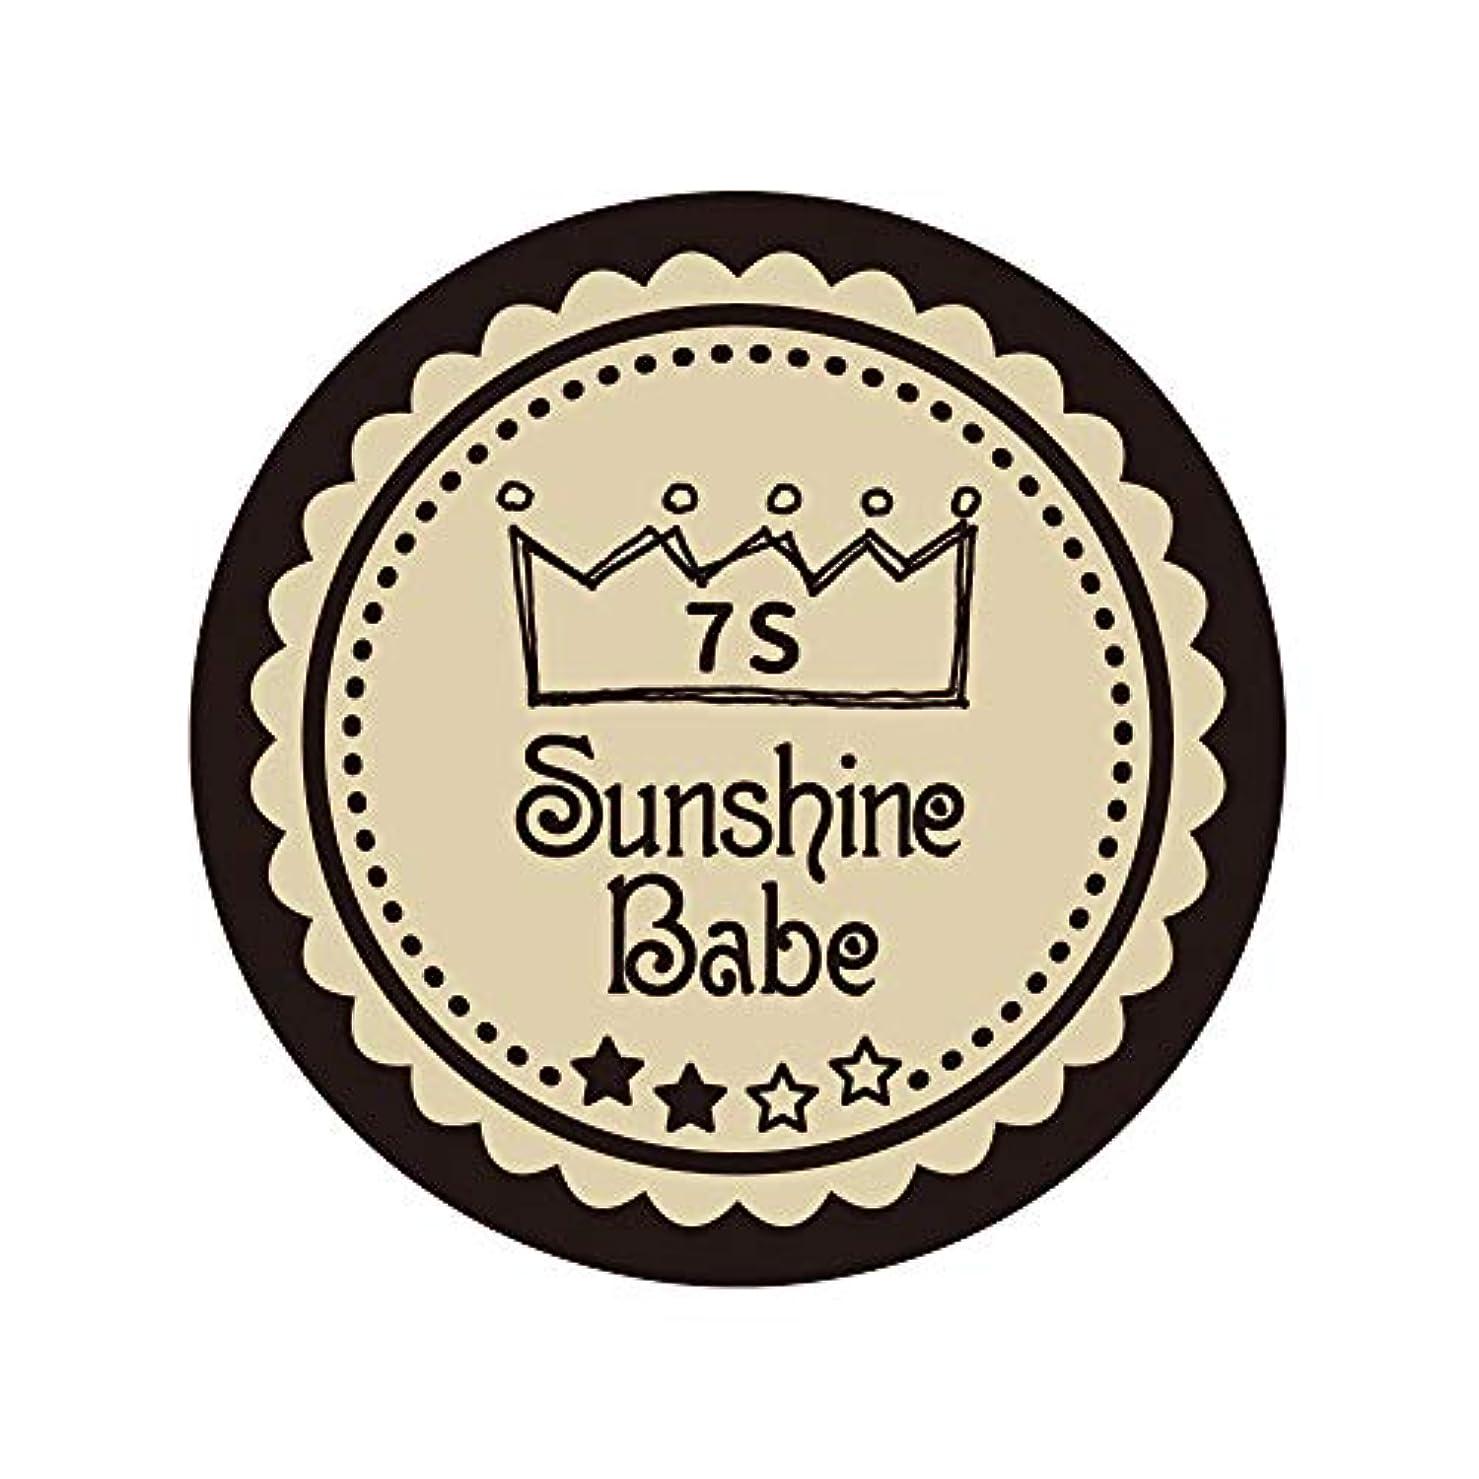 パッドパニック恐れSunshine Babe カラージェル 7S ウォームサンド 2.7g UV/LED対応